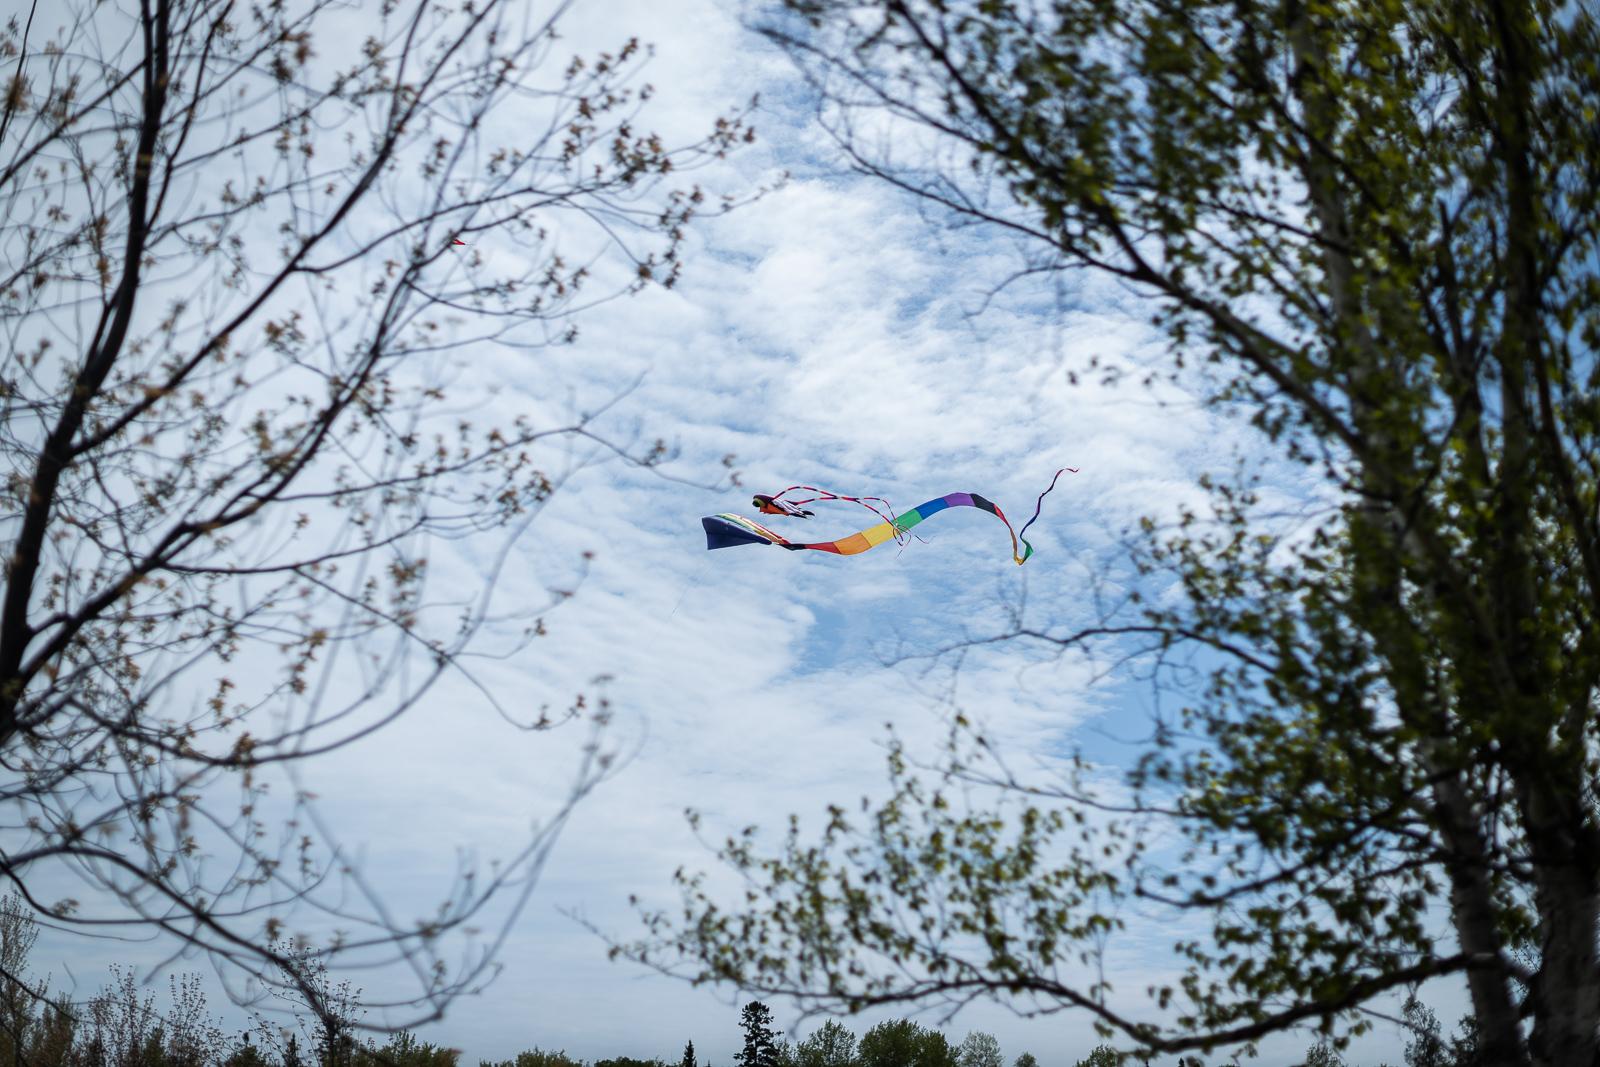 kite-festival-2019-blog-31.jpg